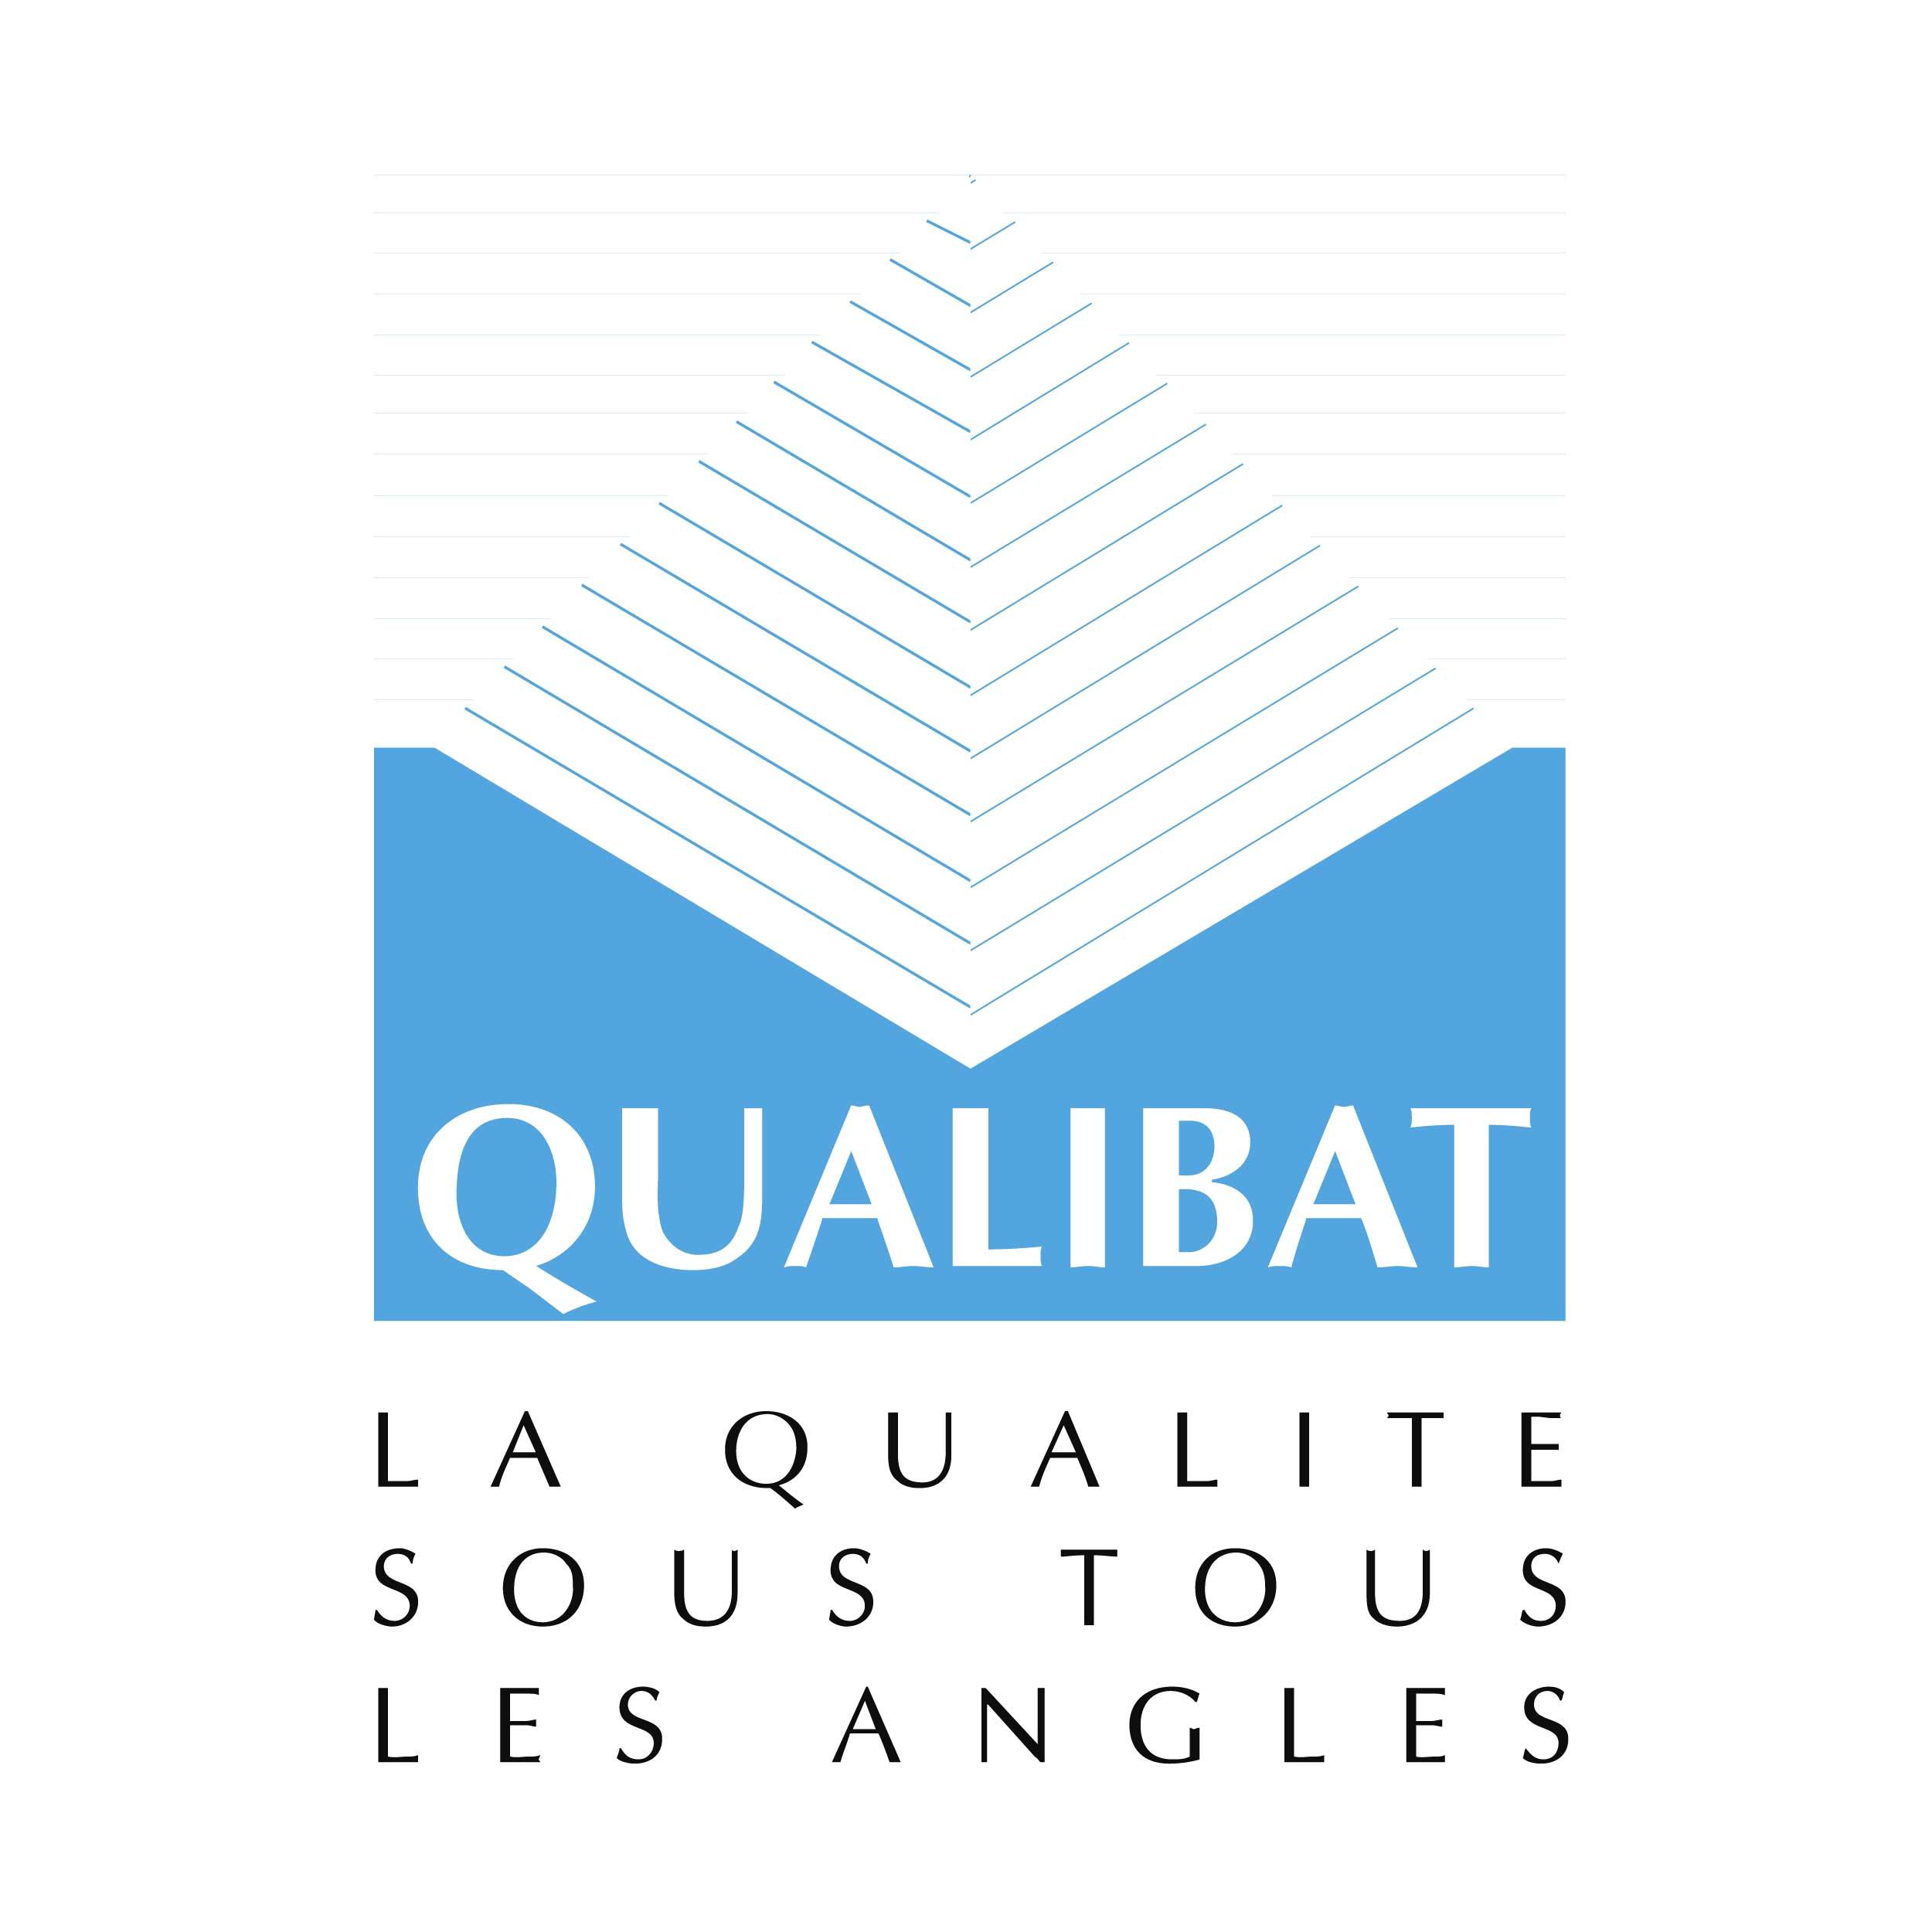 qualibat-1